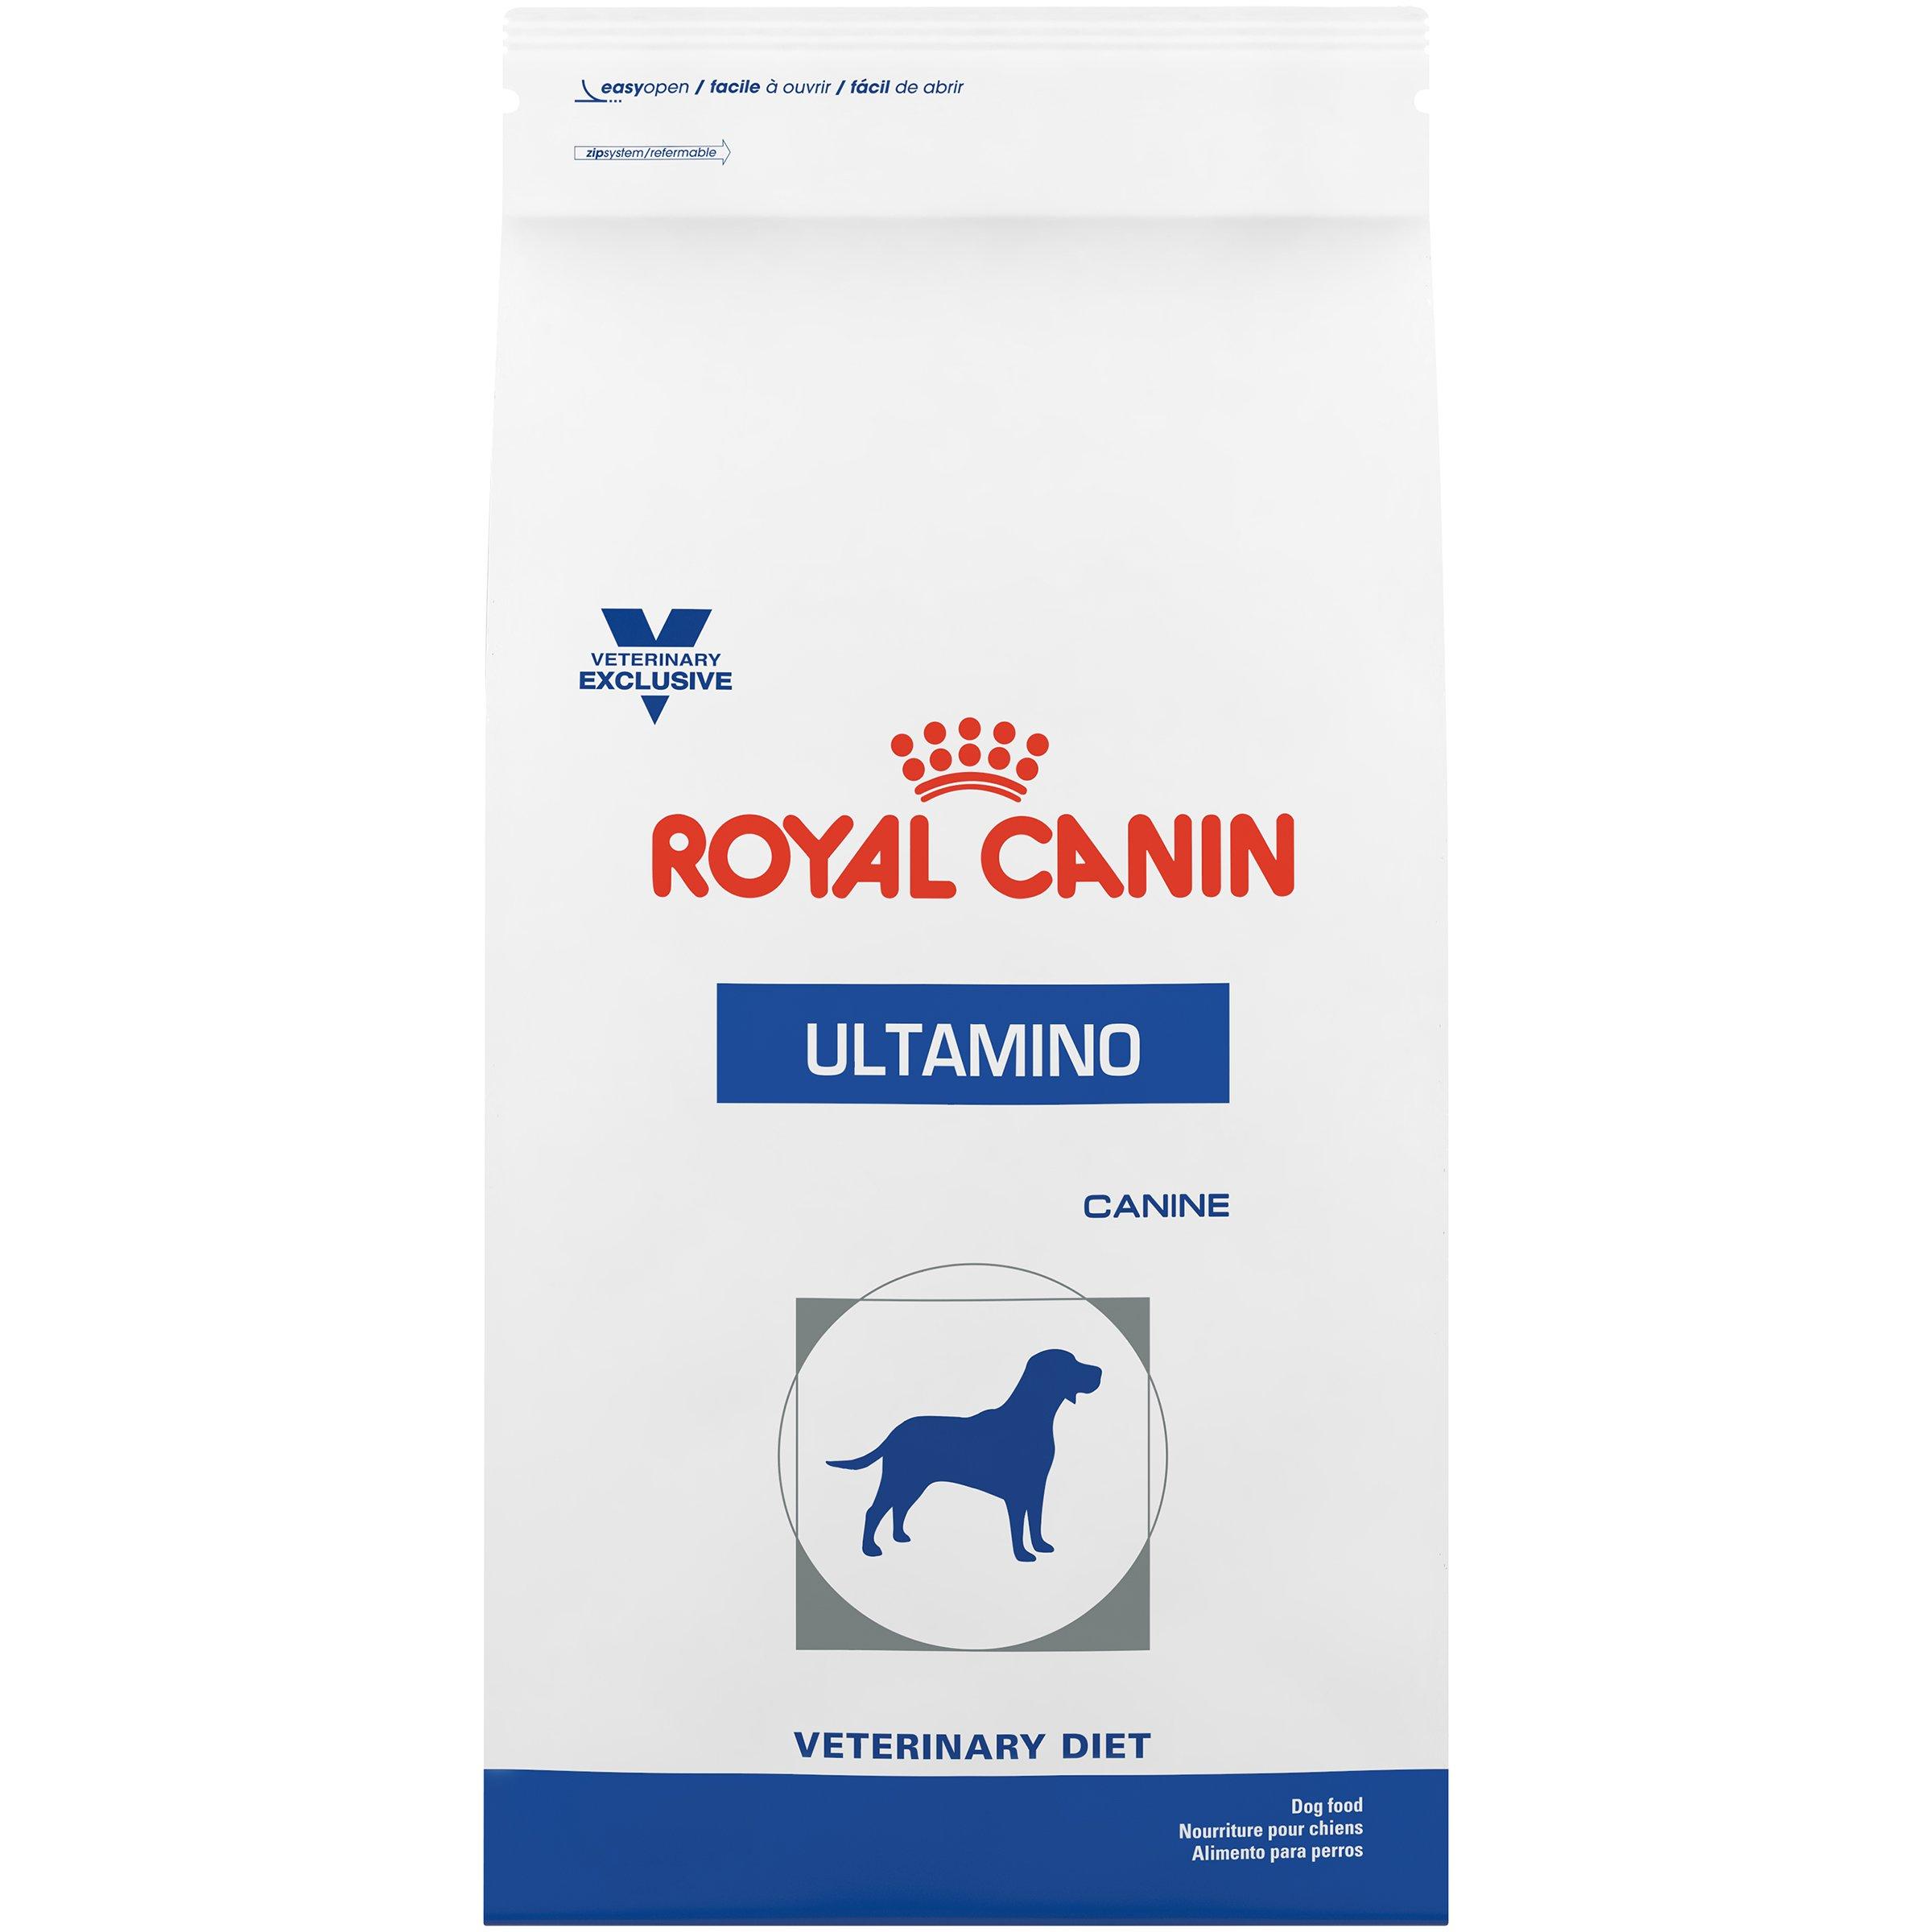 Royal Canin Veterinary Diet Ultamino Dry Dog Food, 19.8-lb bag